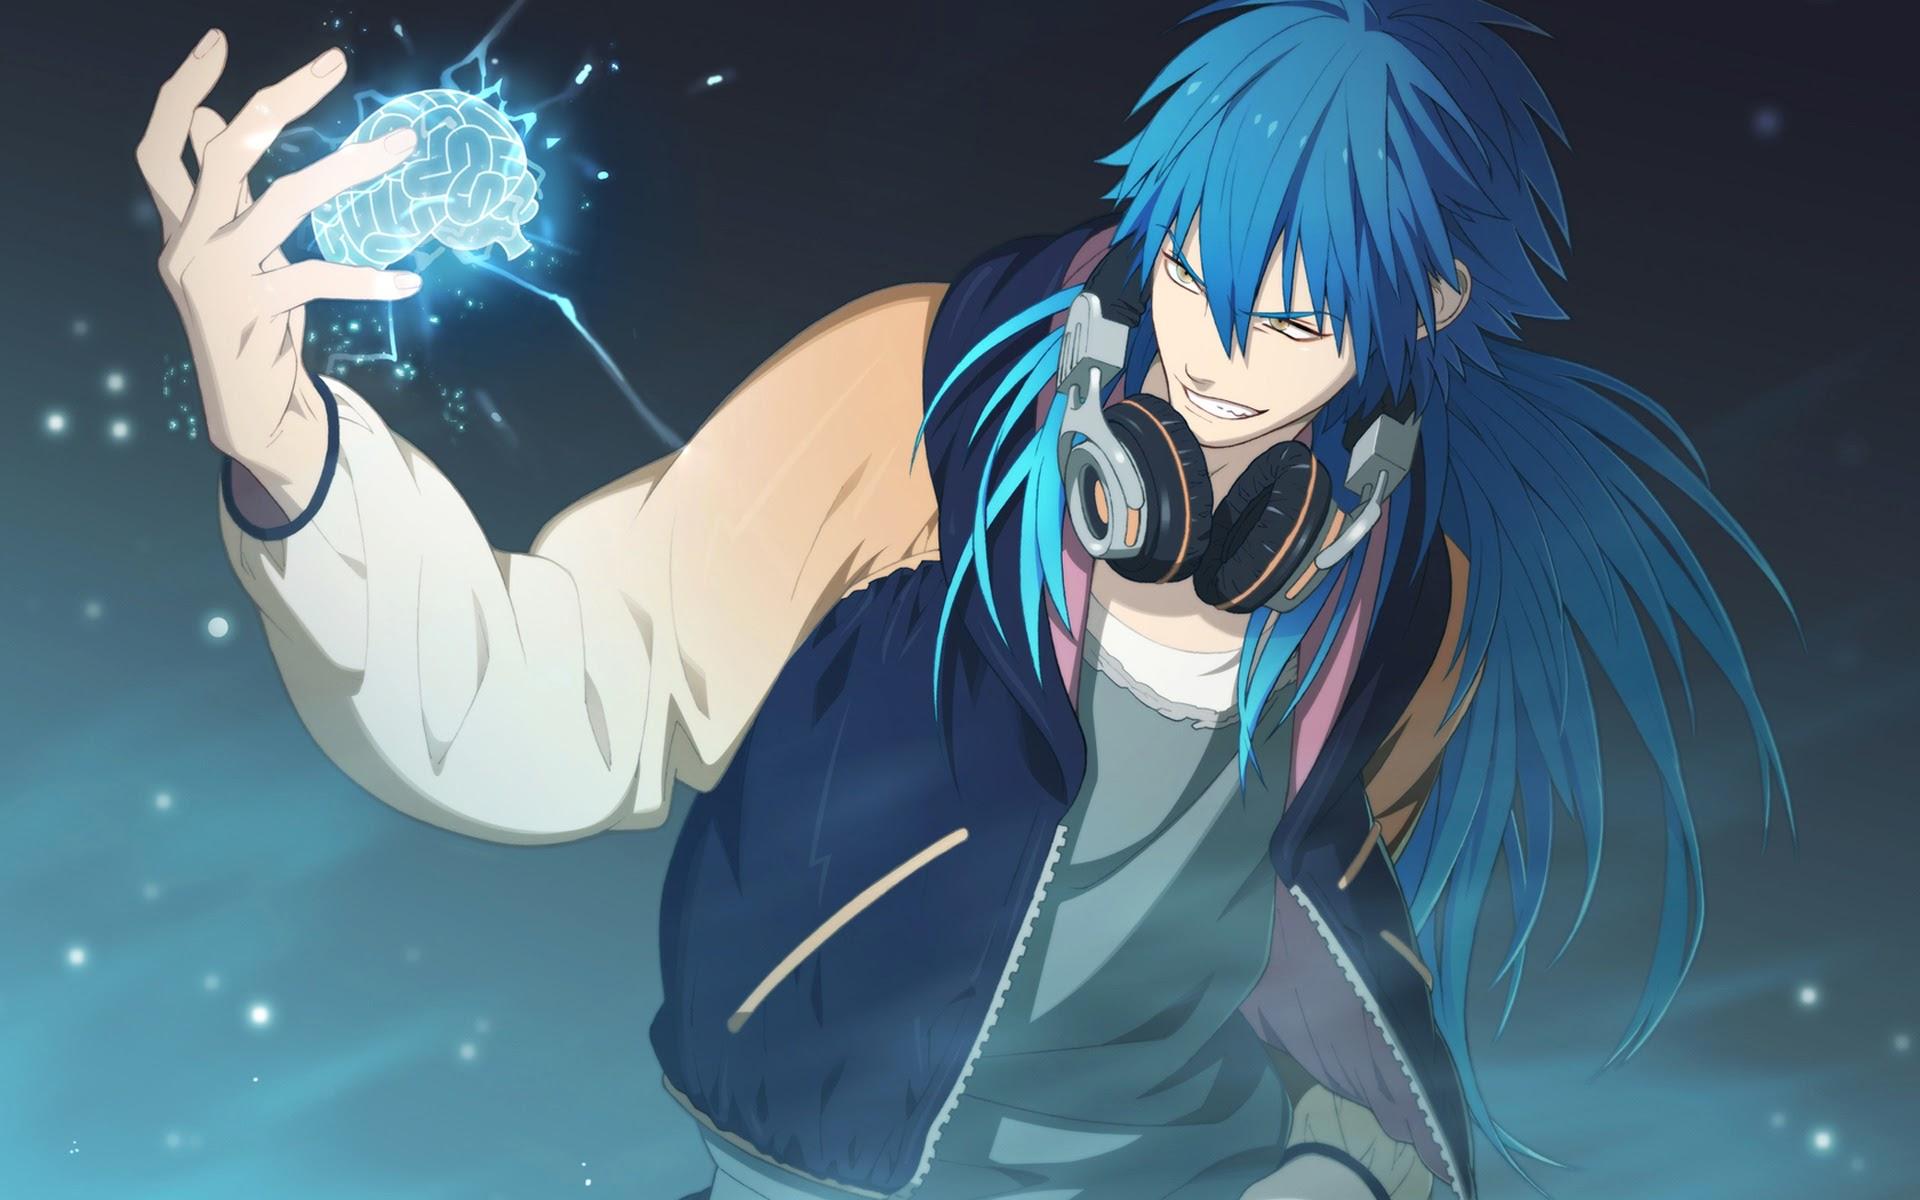 Hình ảnh nam lạnh lùng tóc xanh cực đẹp